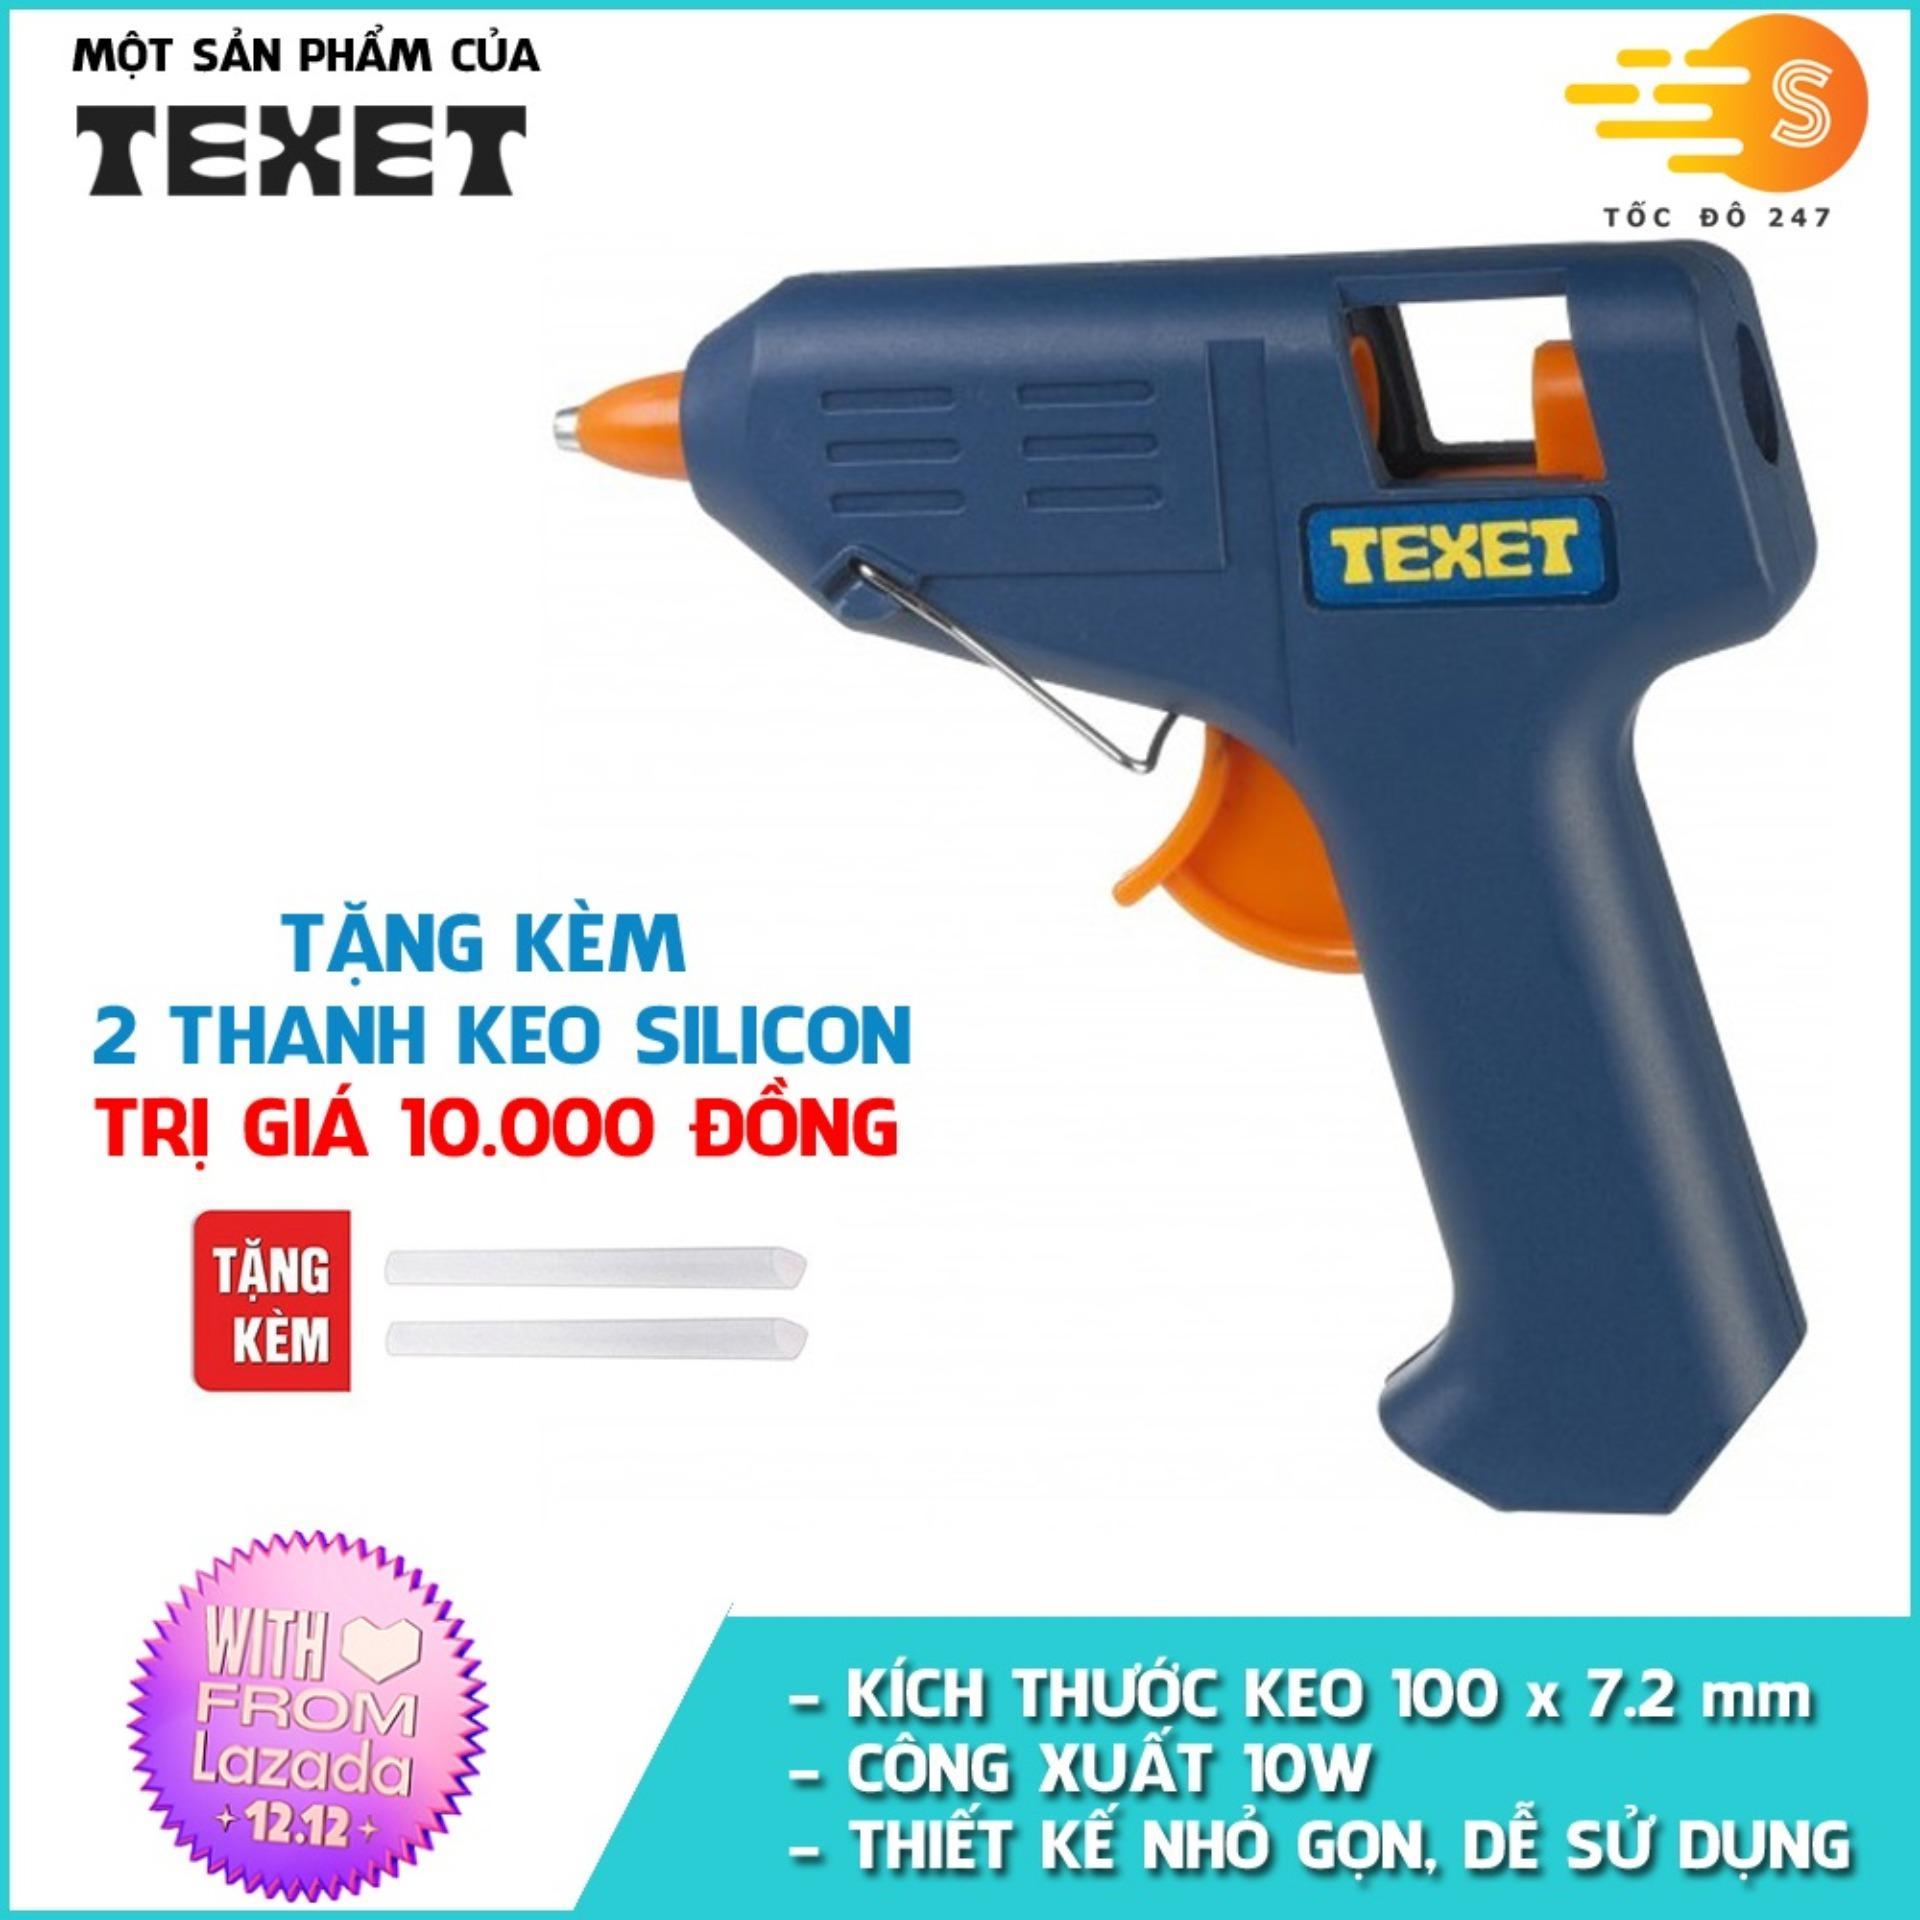 Súng bắn keo TEXET HH-138 (Tặng 2 thanh keo)